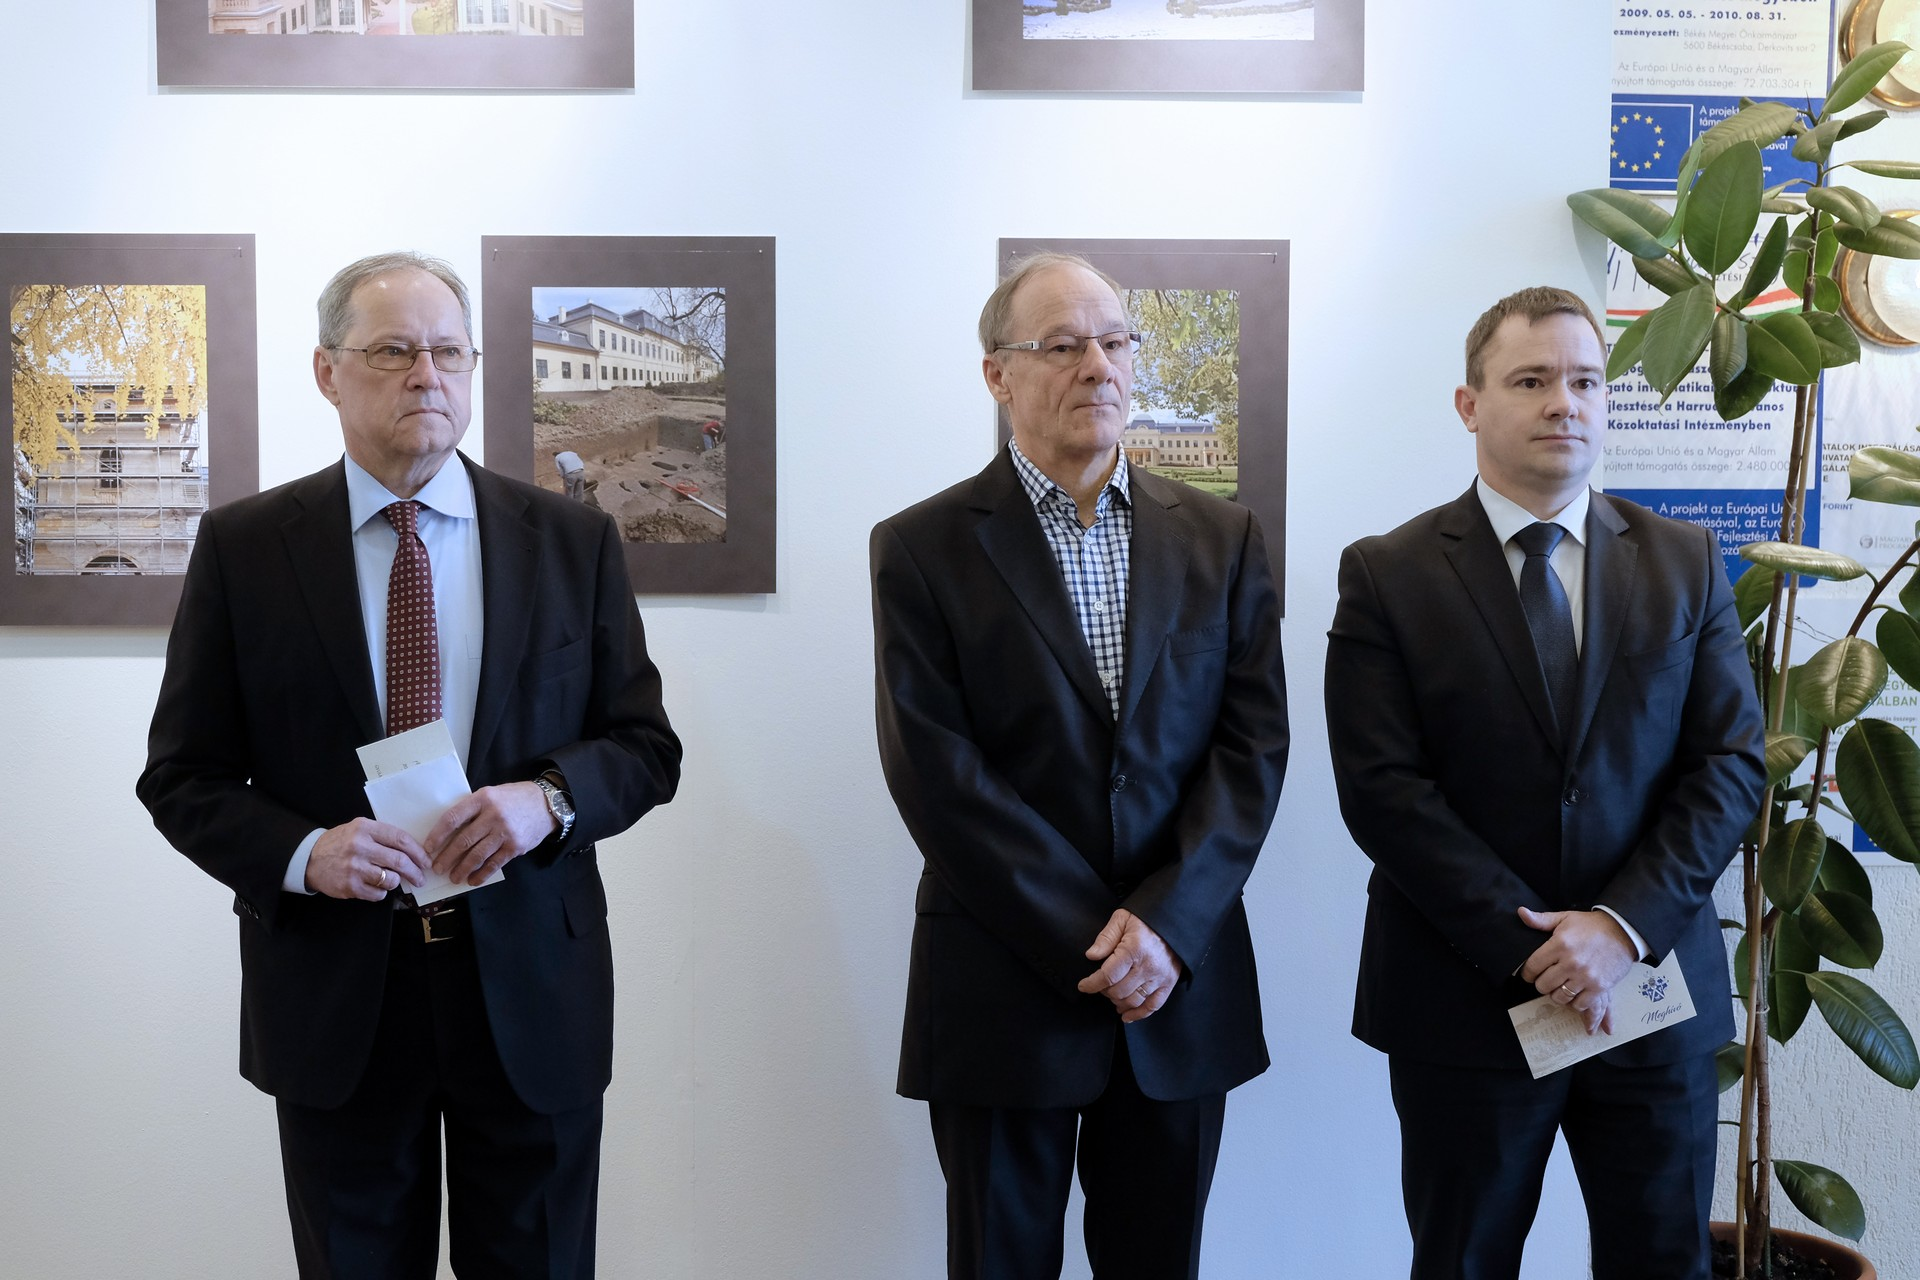 b0ba318dbe Kiállítás megnyitó – Almásy kastély címmel – Békéscsaba | Bagyinszki ...